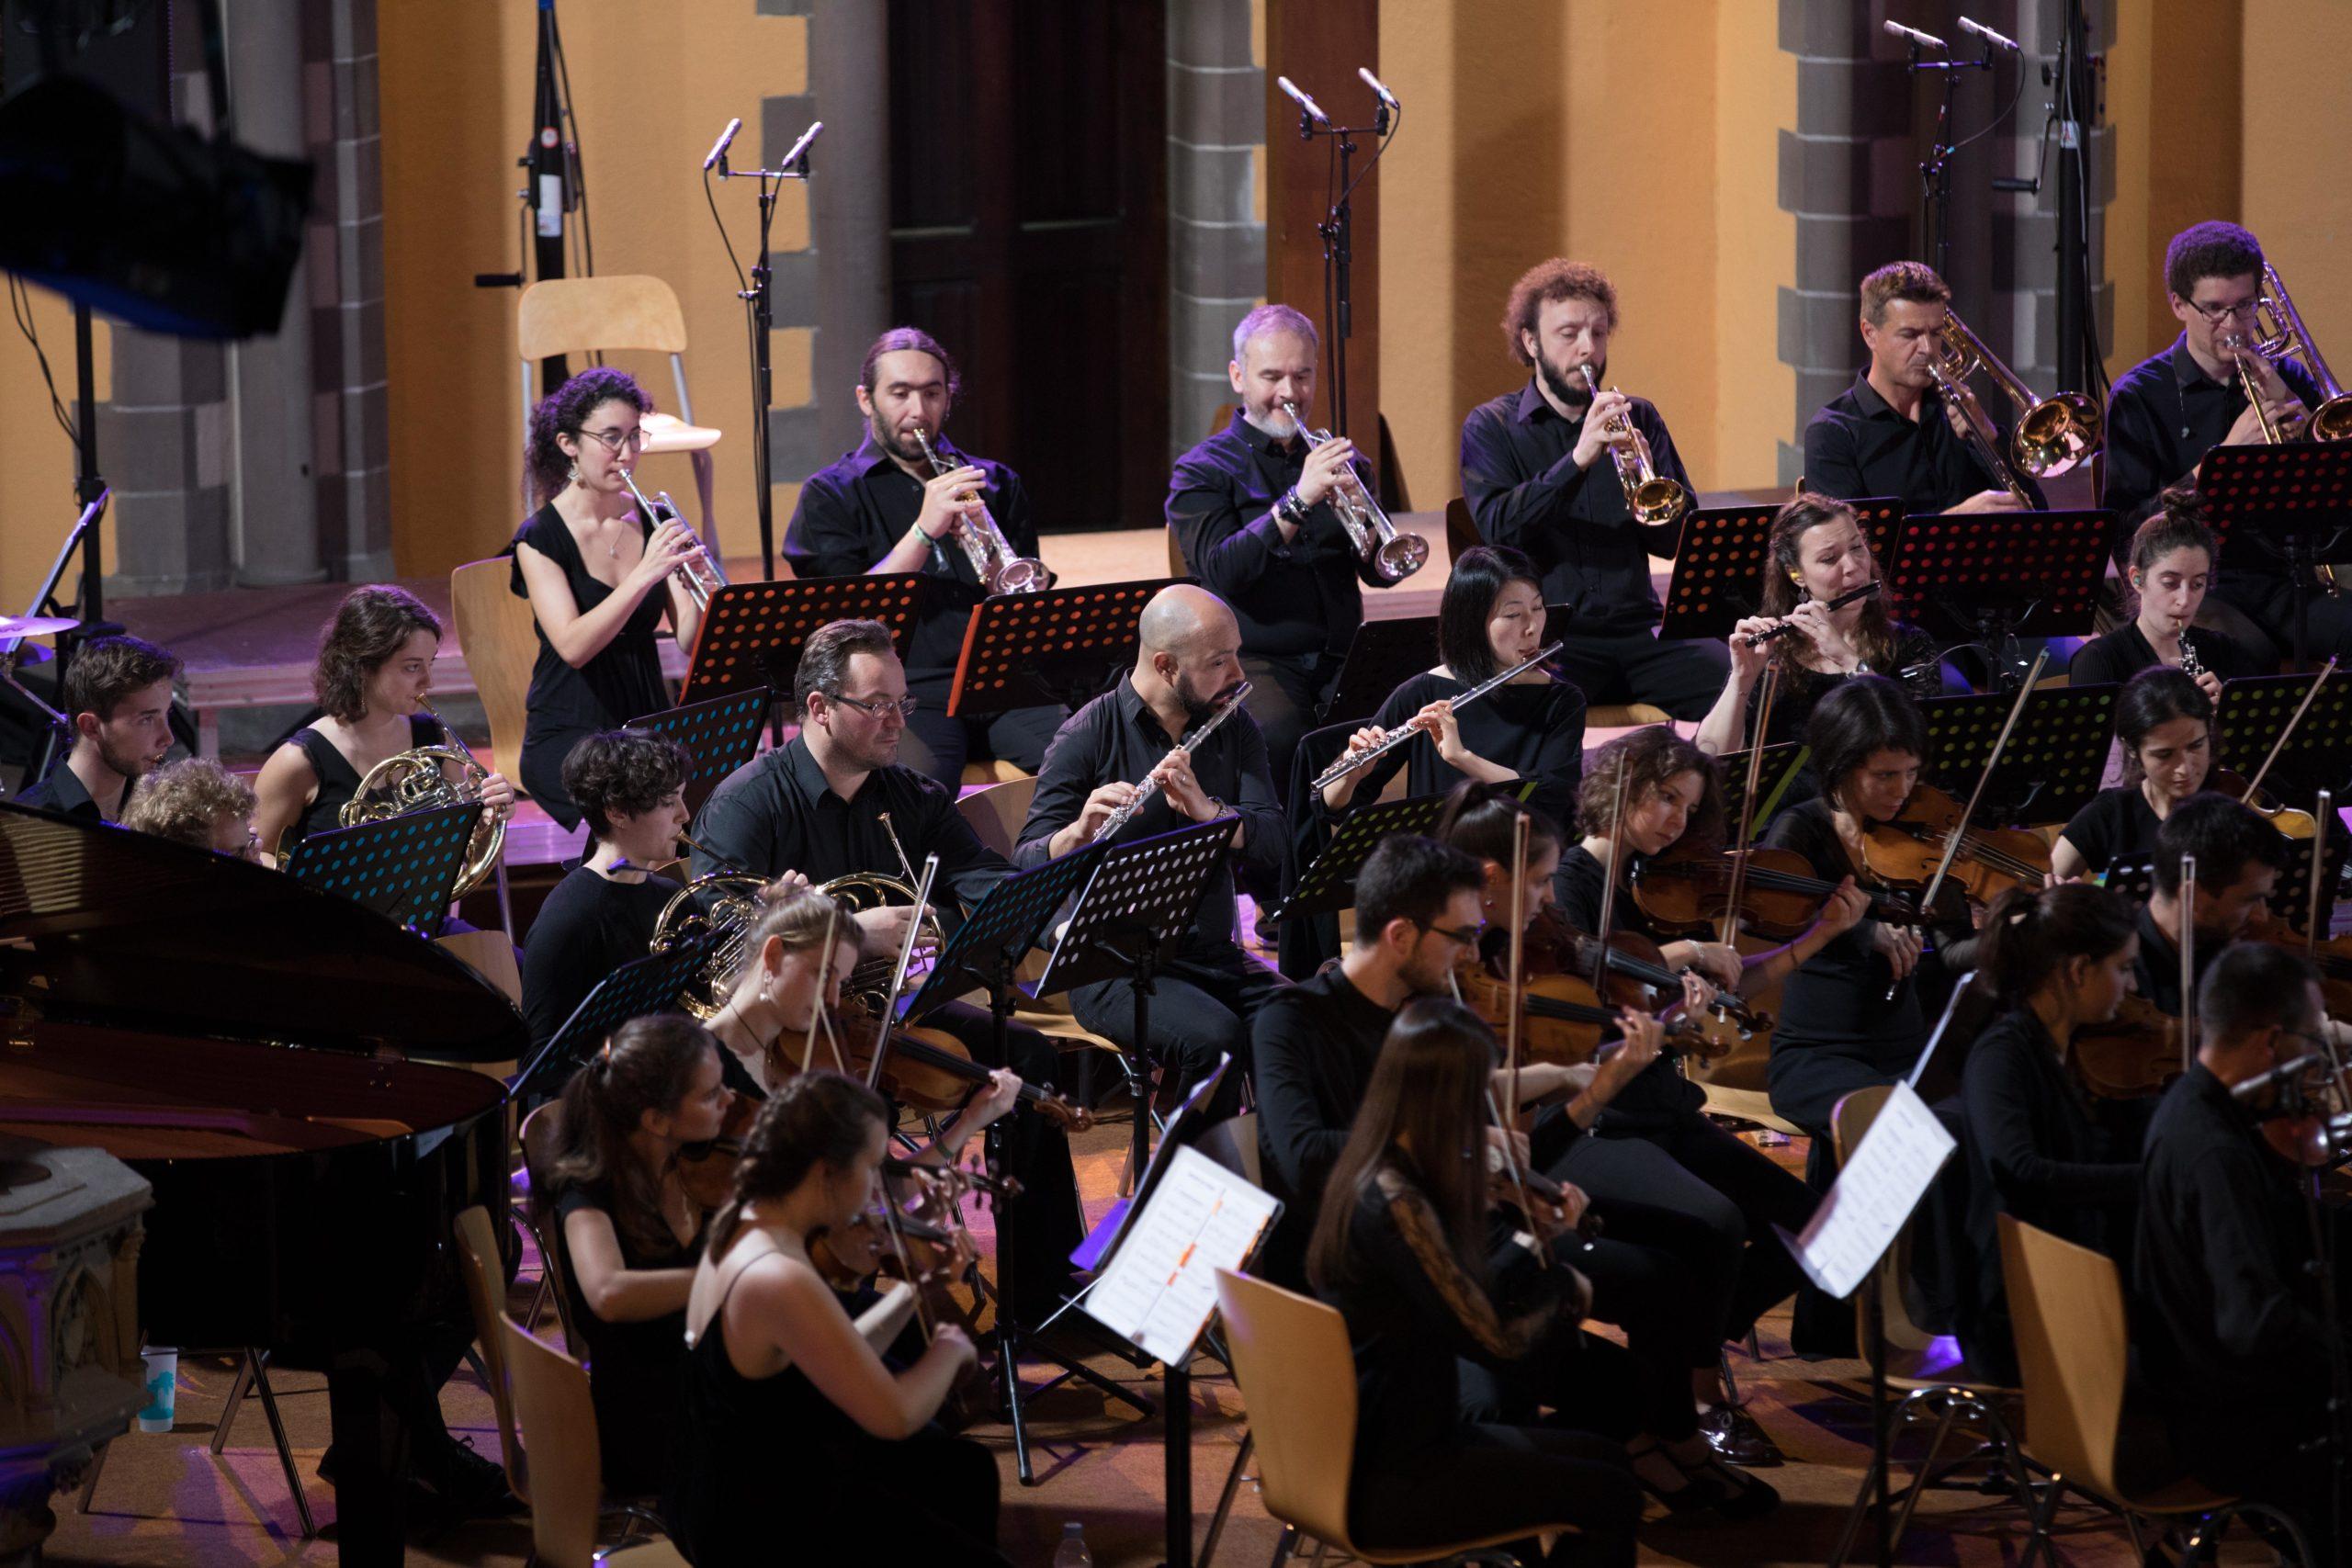 fluxus-projet-no-limit-orchestra-coeur